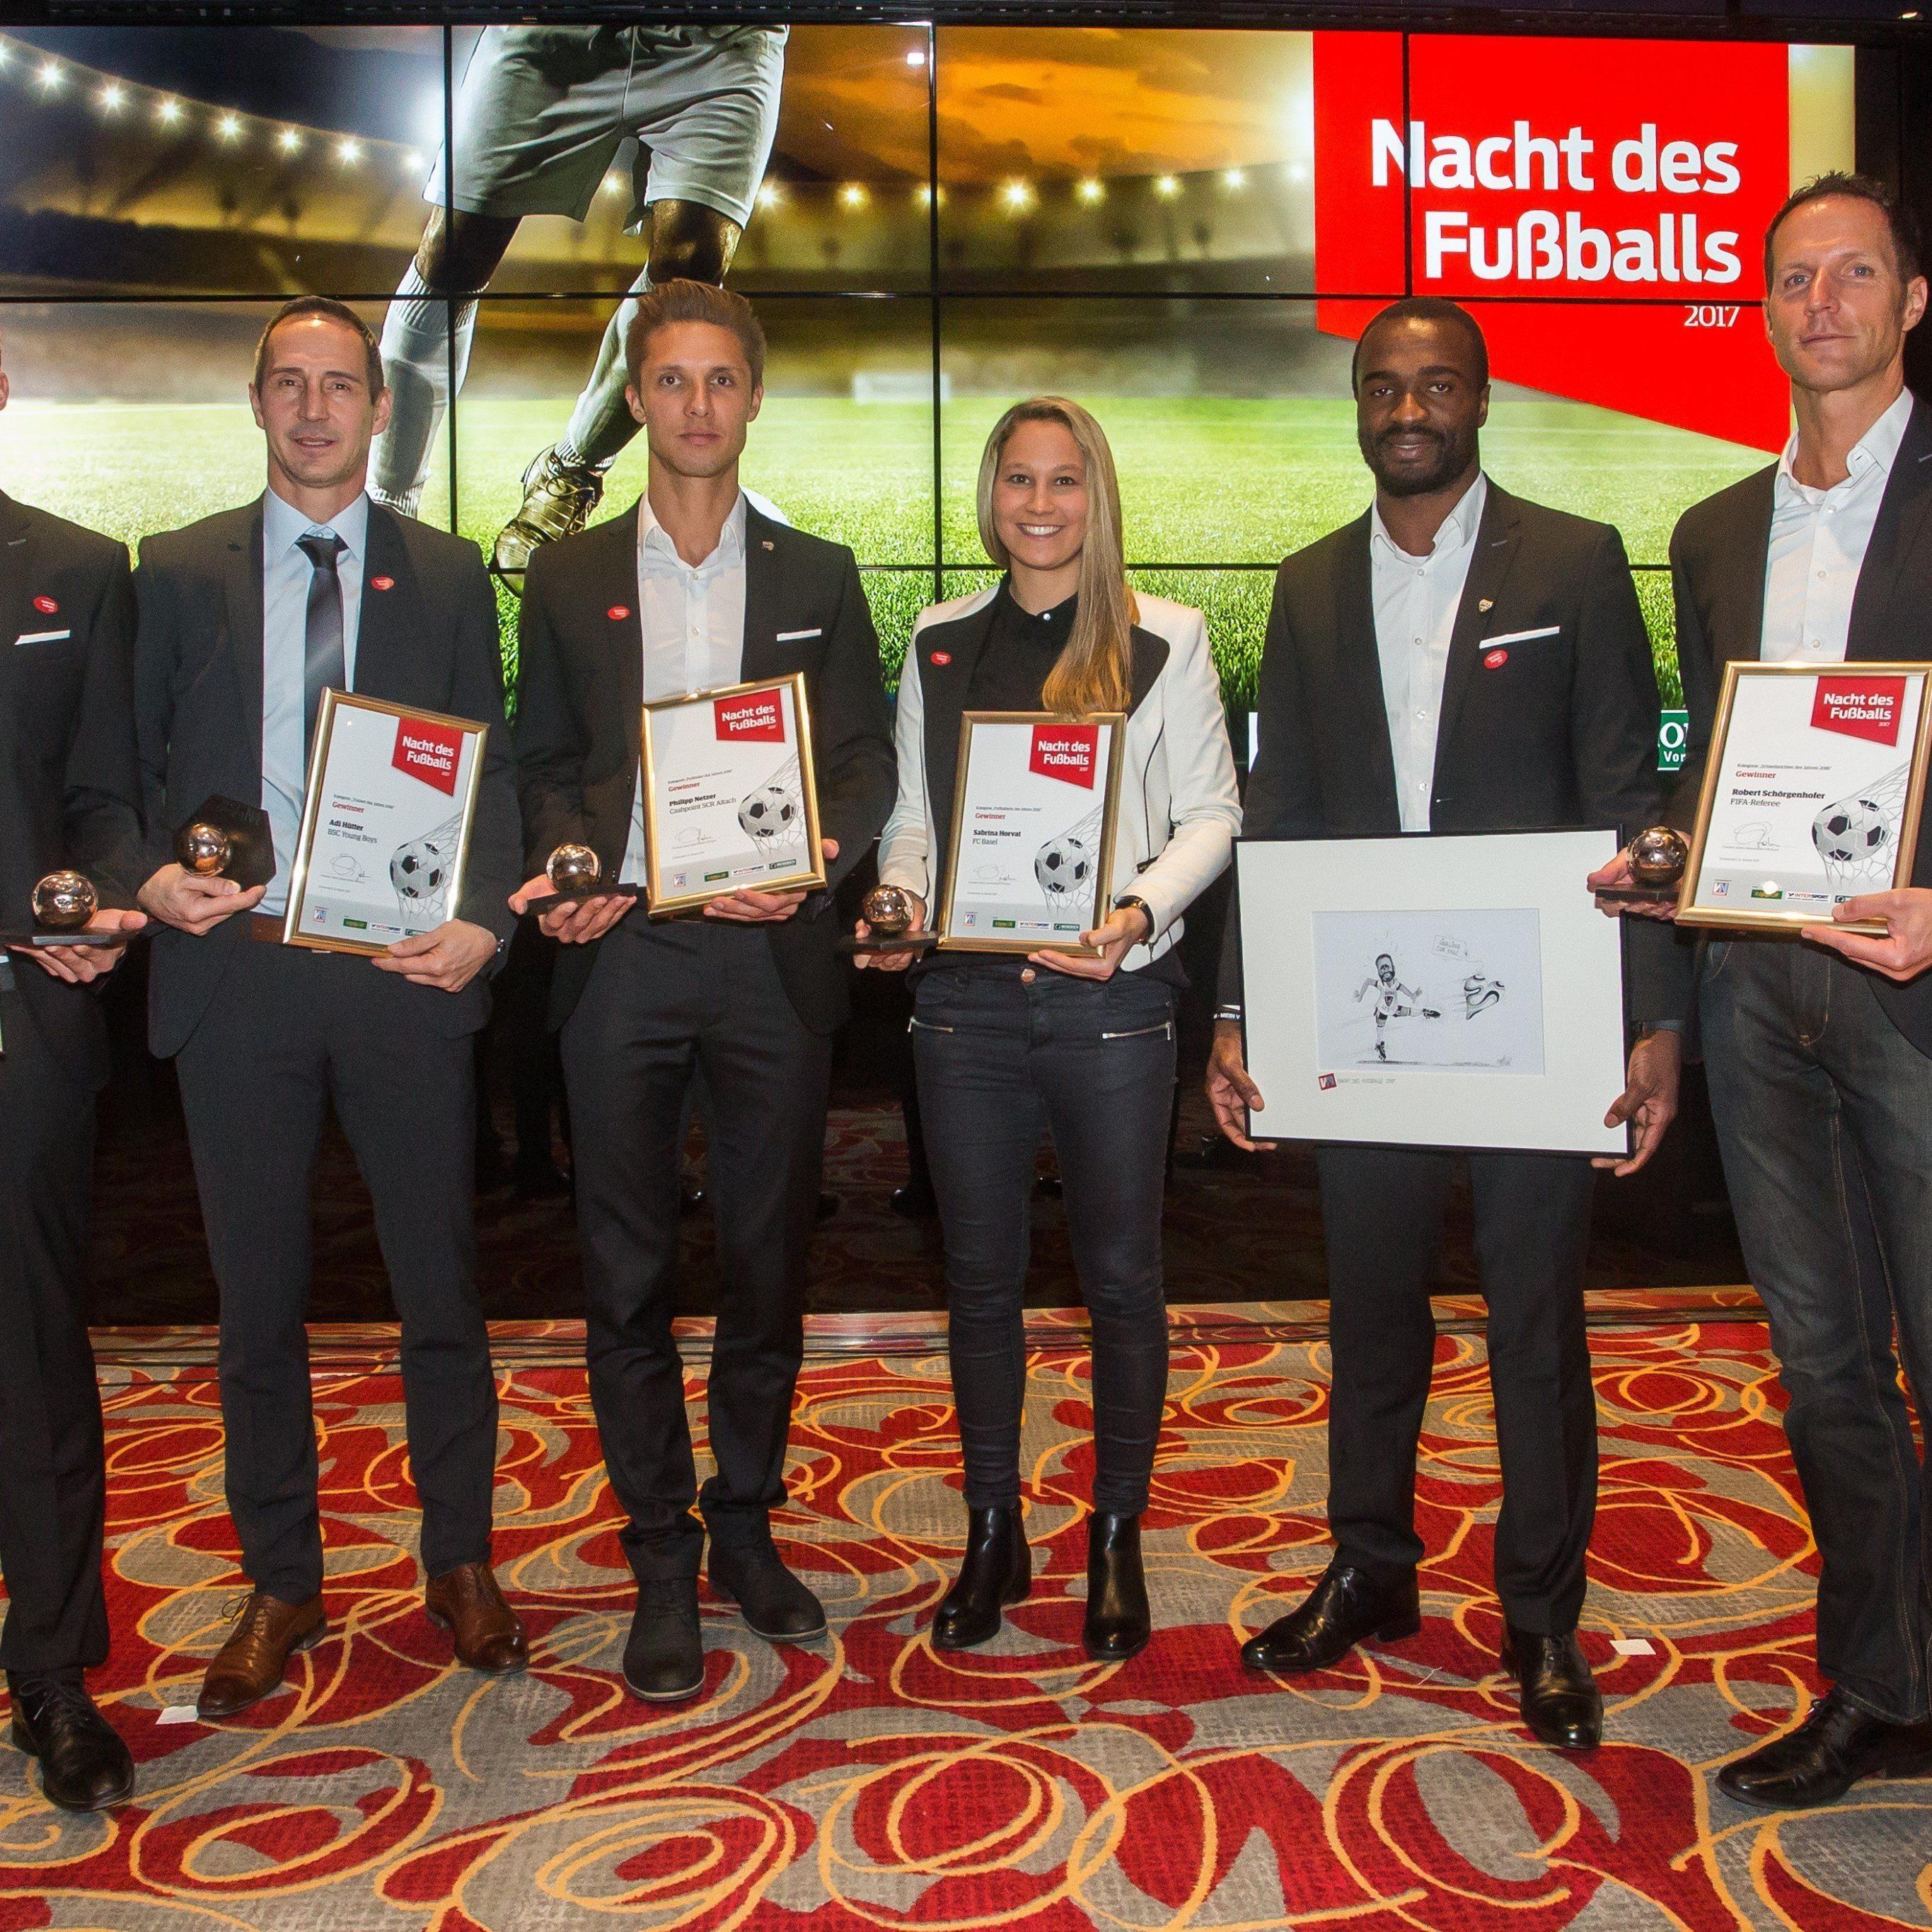 Die Sieger freuten sich über ihre Auszeichnungen, v.l.: Lukas Jäger, Adi Hütter, Philipp Netzer, Sabrina Horvath, Louis Ngwat-Mahop und Robert Schörgenhofer.